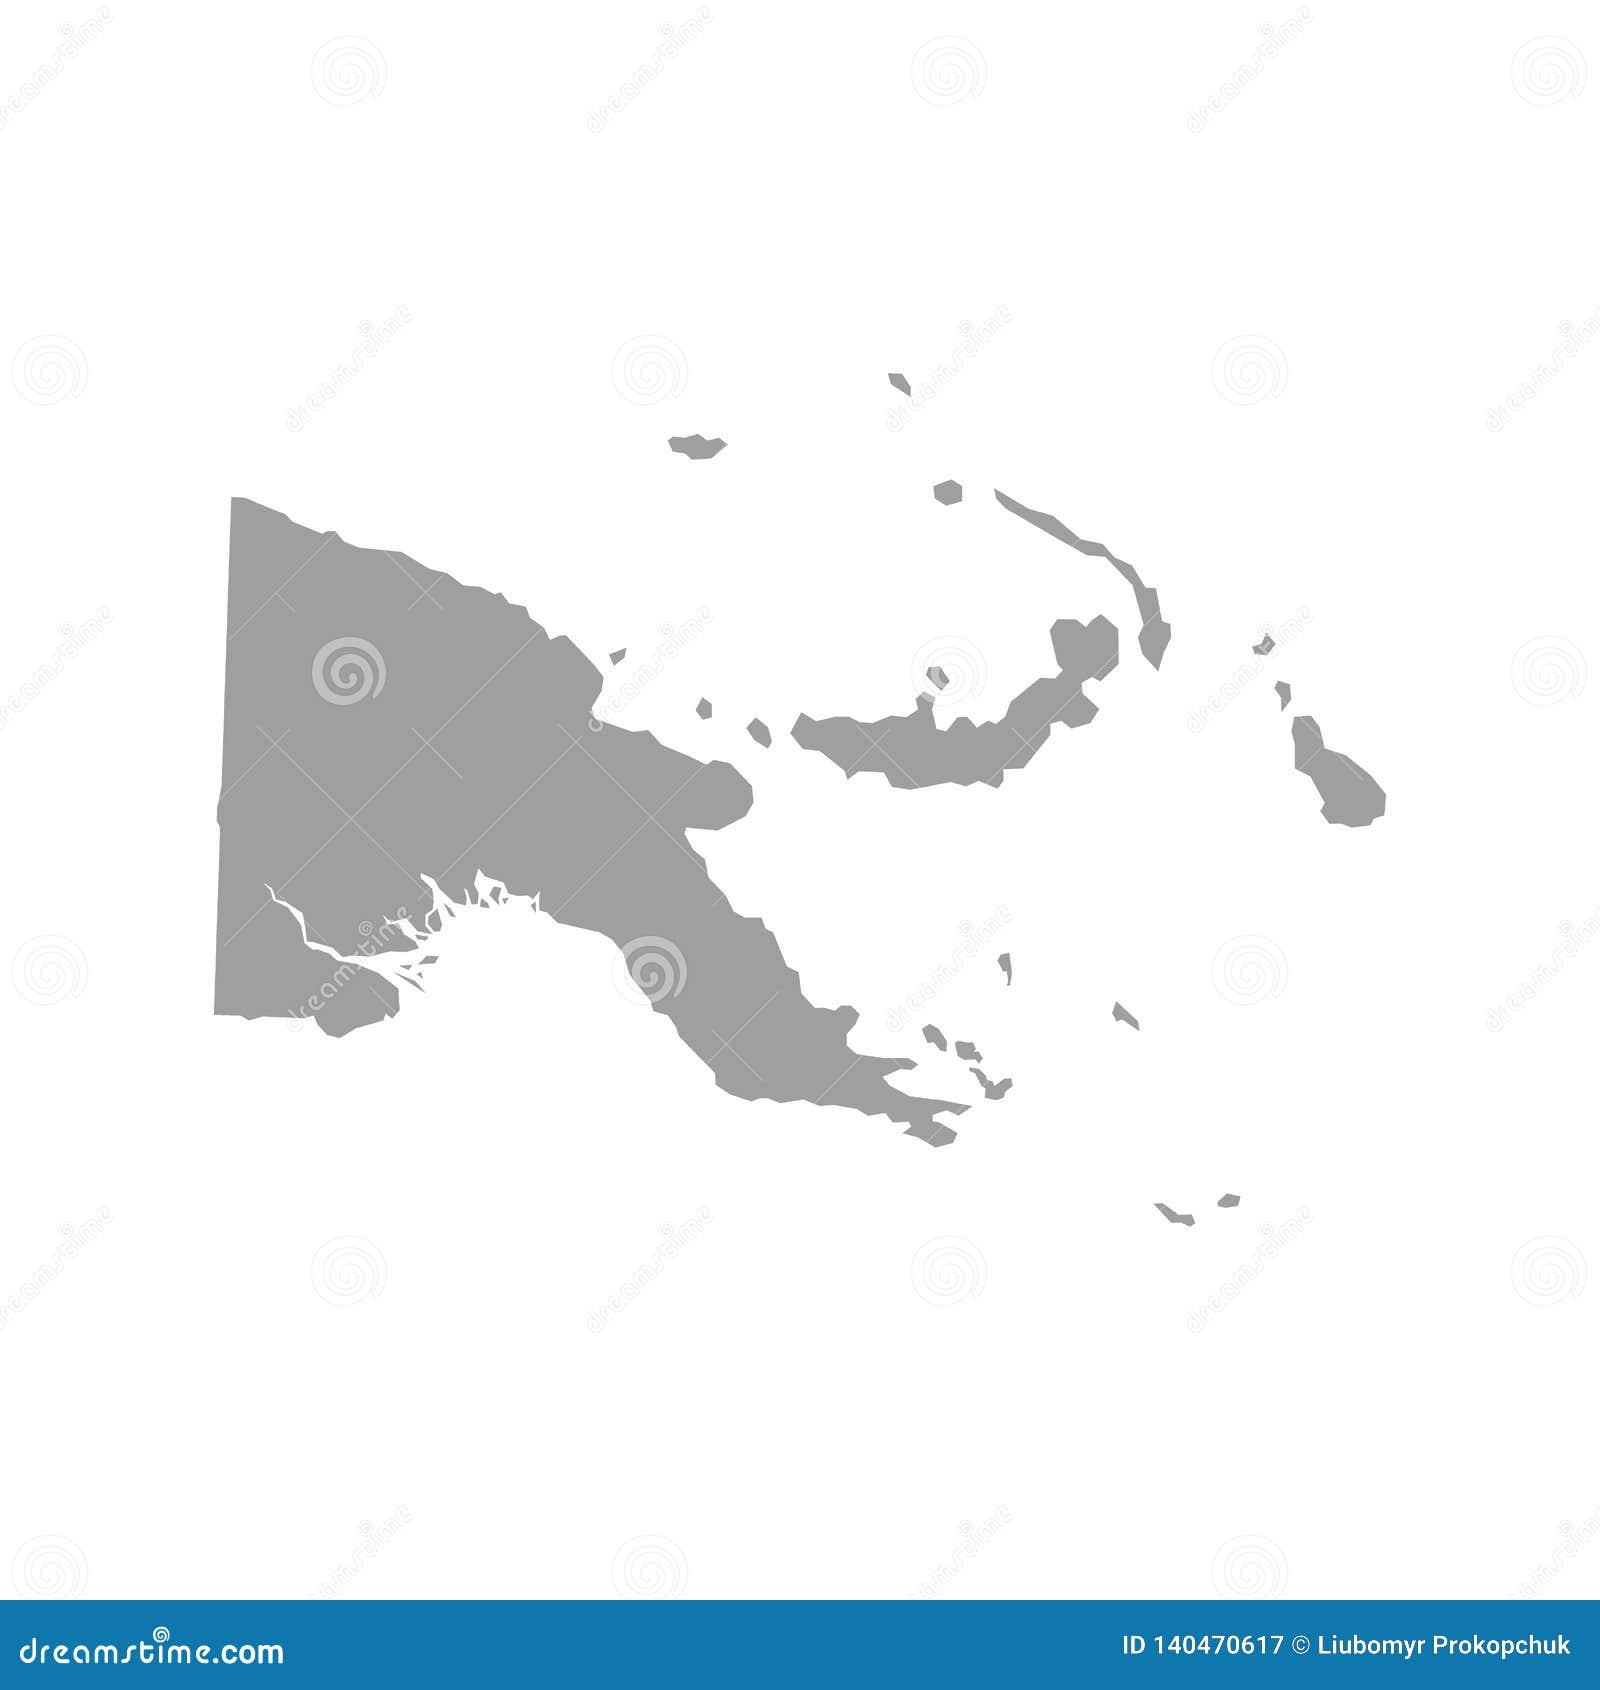 Papua-Neu-Guinea Karte im Grau auf einem weißen Hintergrund